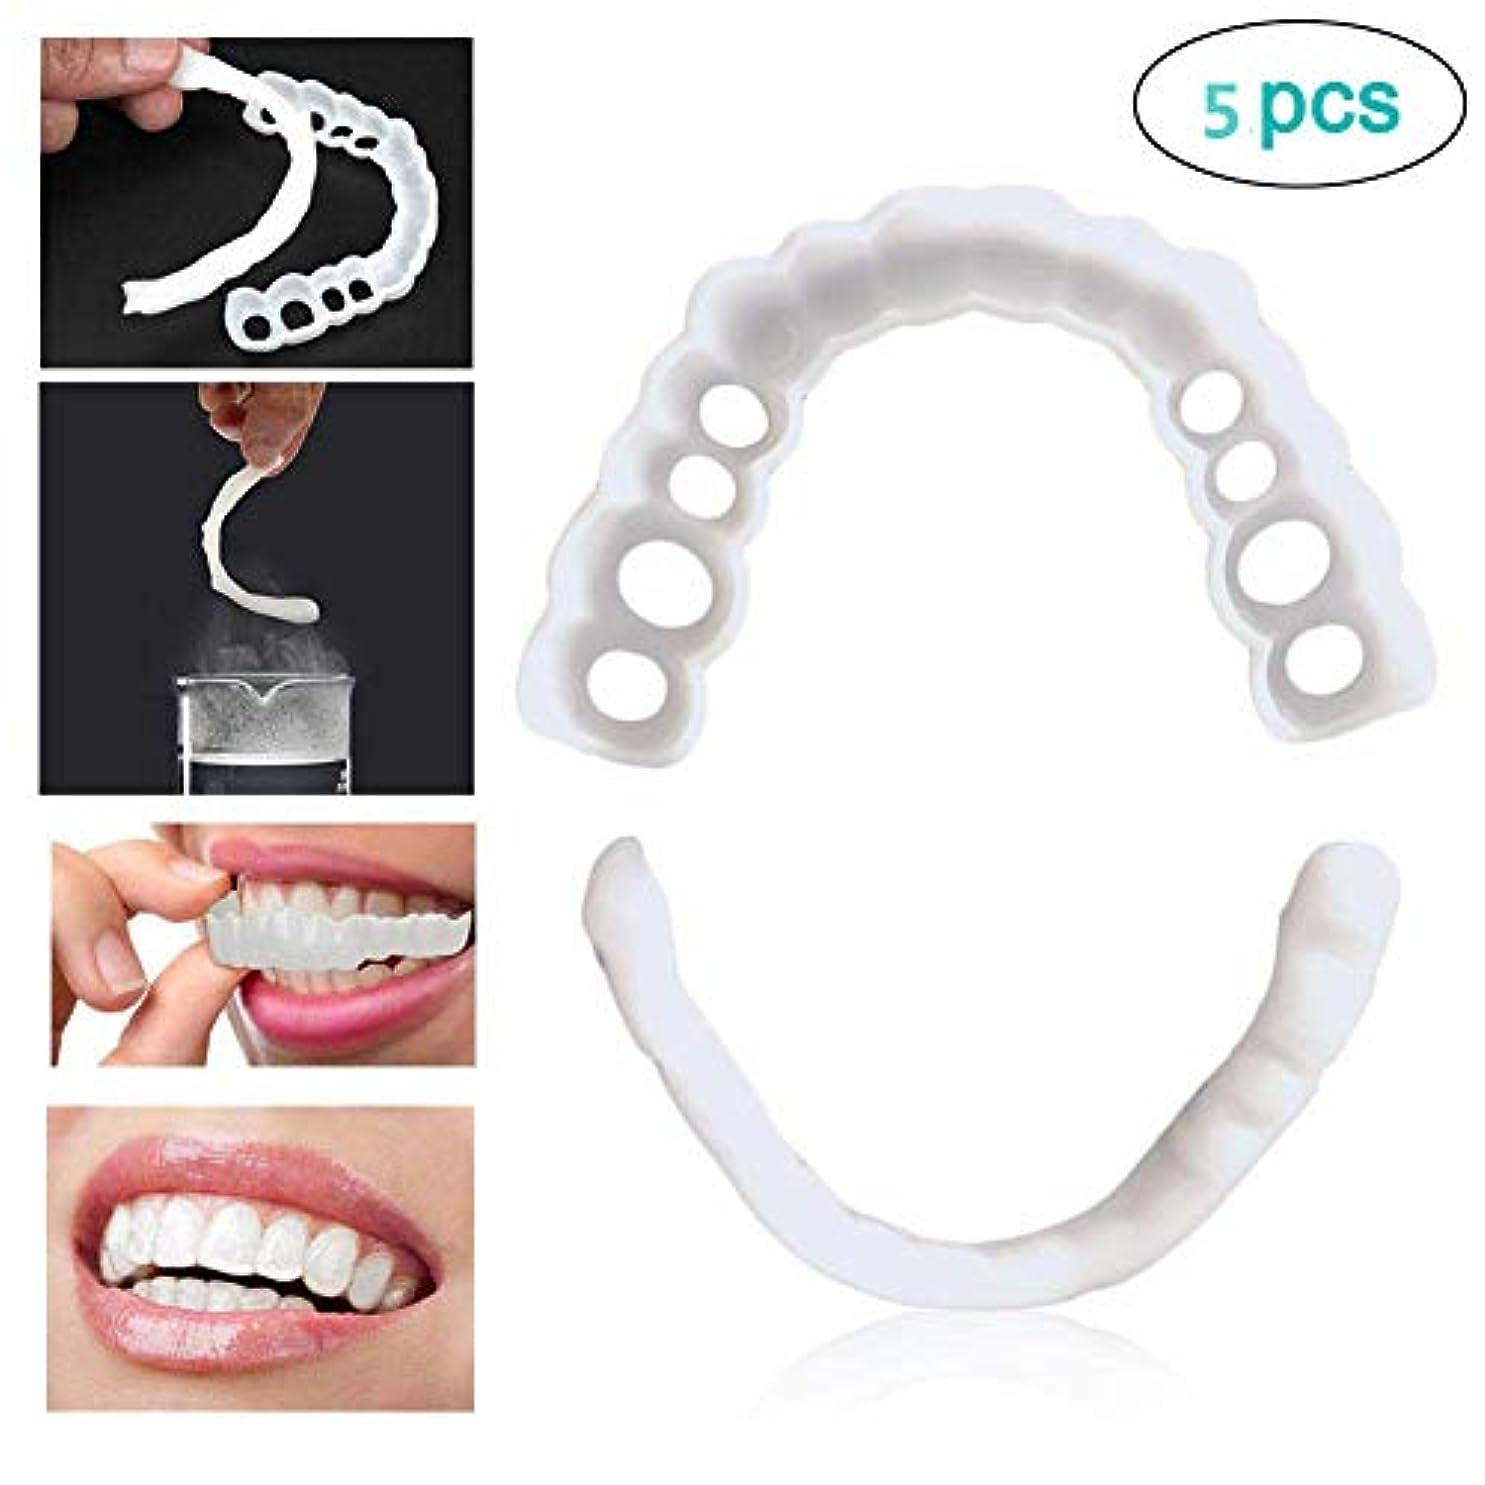 約束する所得単調なインスタント快適で柔らかい完璧なベニヤの歯スナップキャップを白くする一時的な化粧品歯義歯歯の化粧品シミュレーション上袖/下括弧の5枚,lowerteeth5pcs